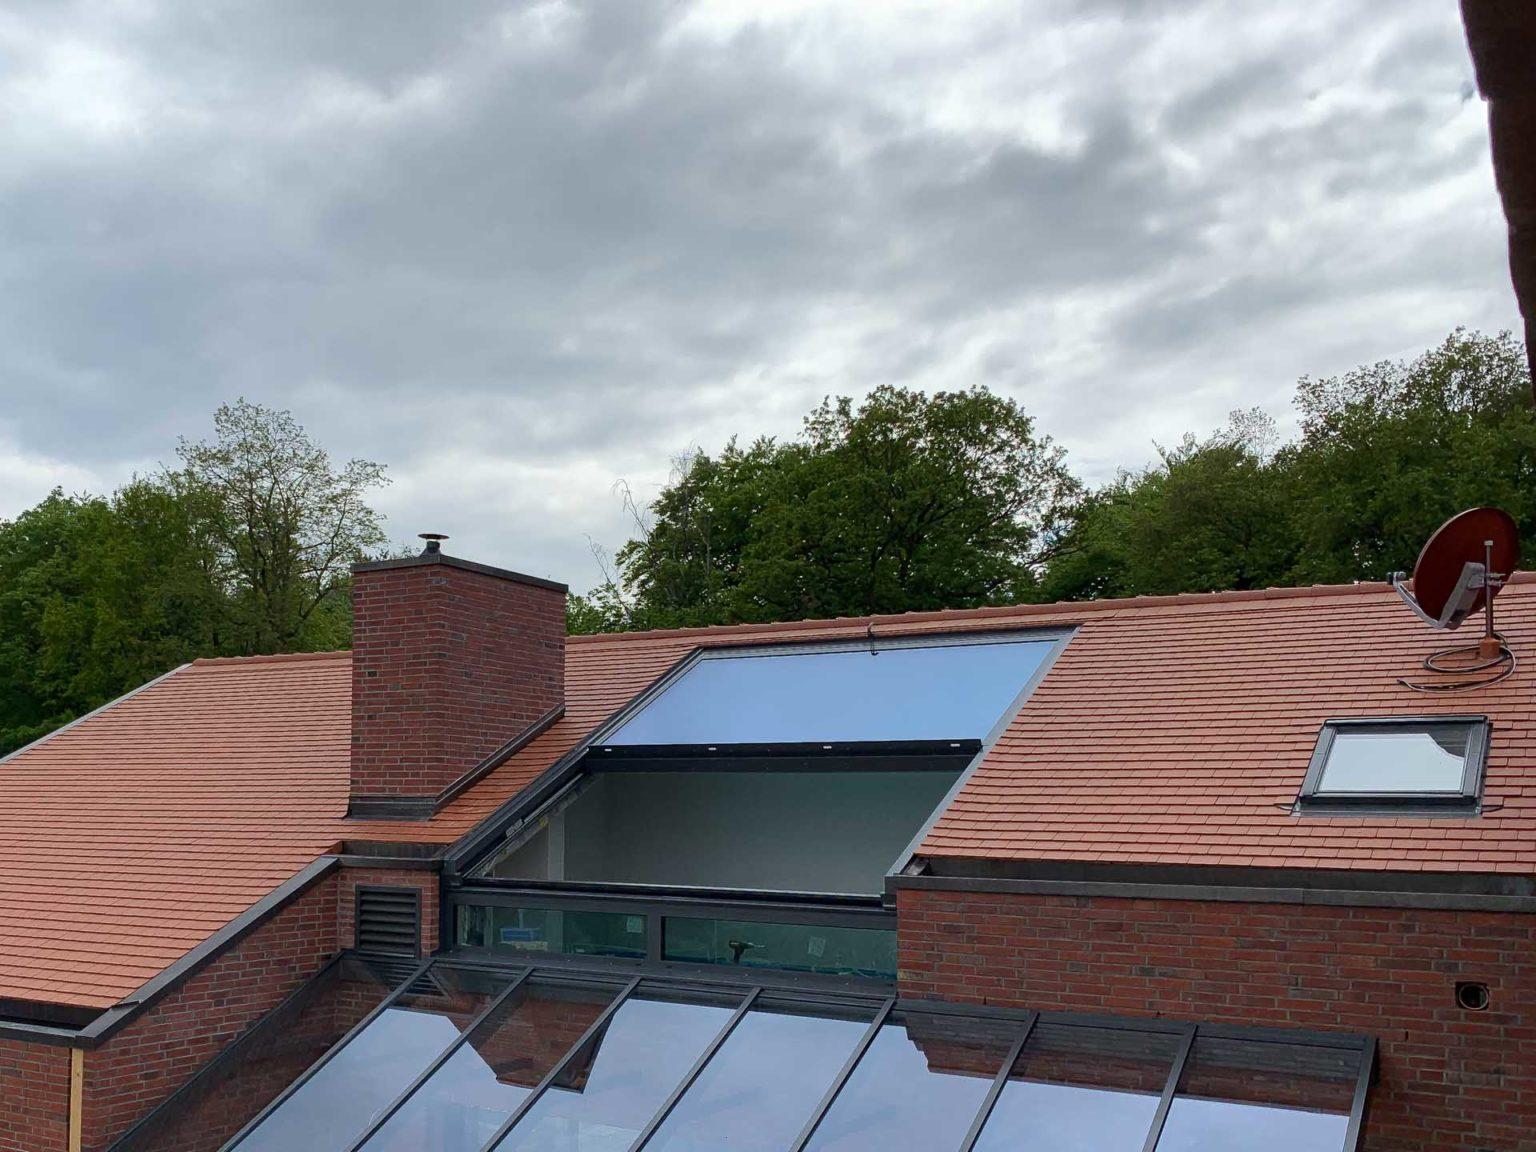 OpenAir Dachschiebefenster in Hünxe (Objekt 1183). 2-teiliges OpenAir Dachschiebefenster mit 400 cm Breite und 500 cm Höhe